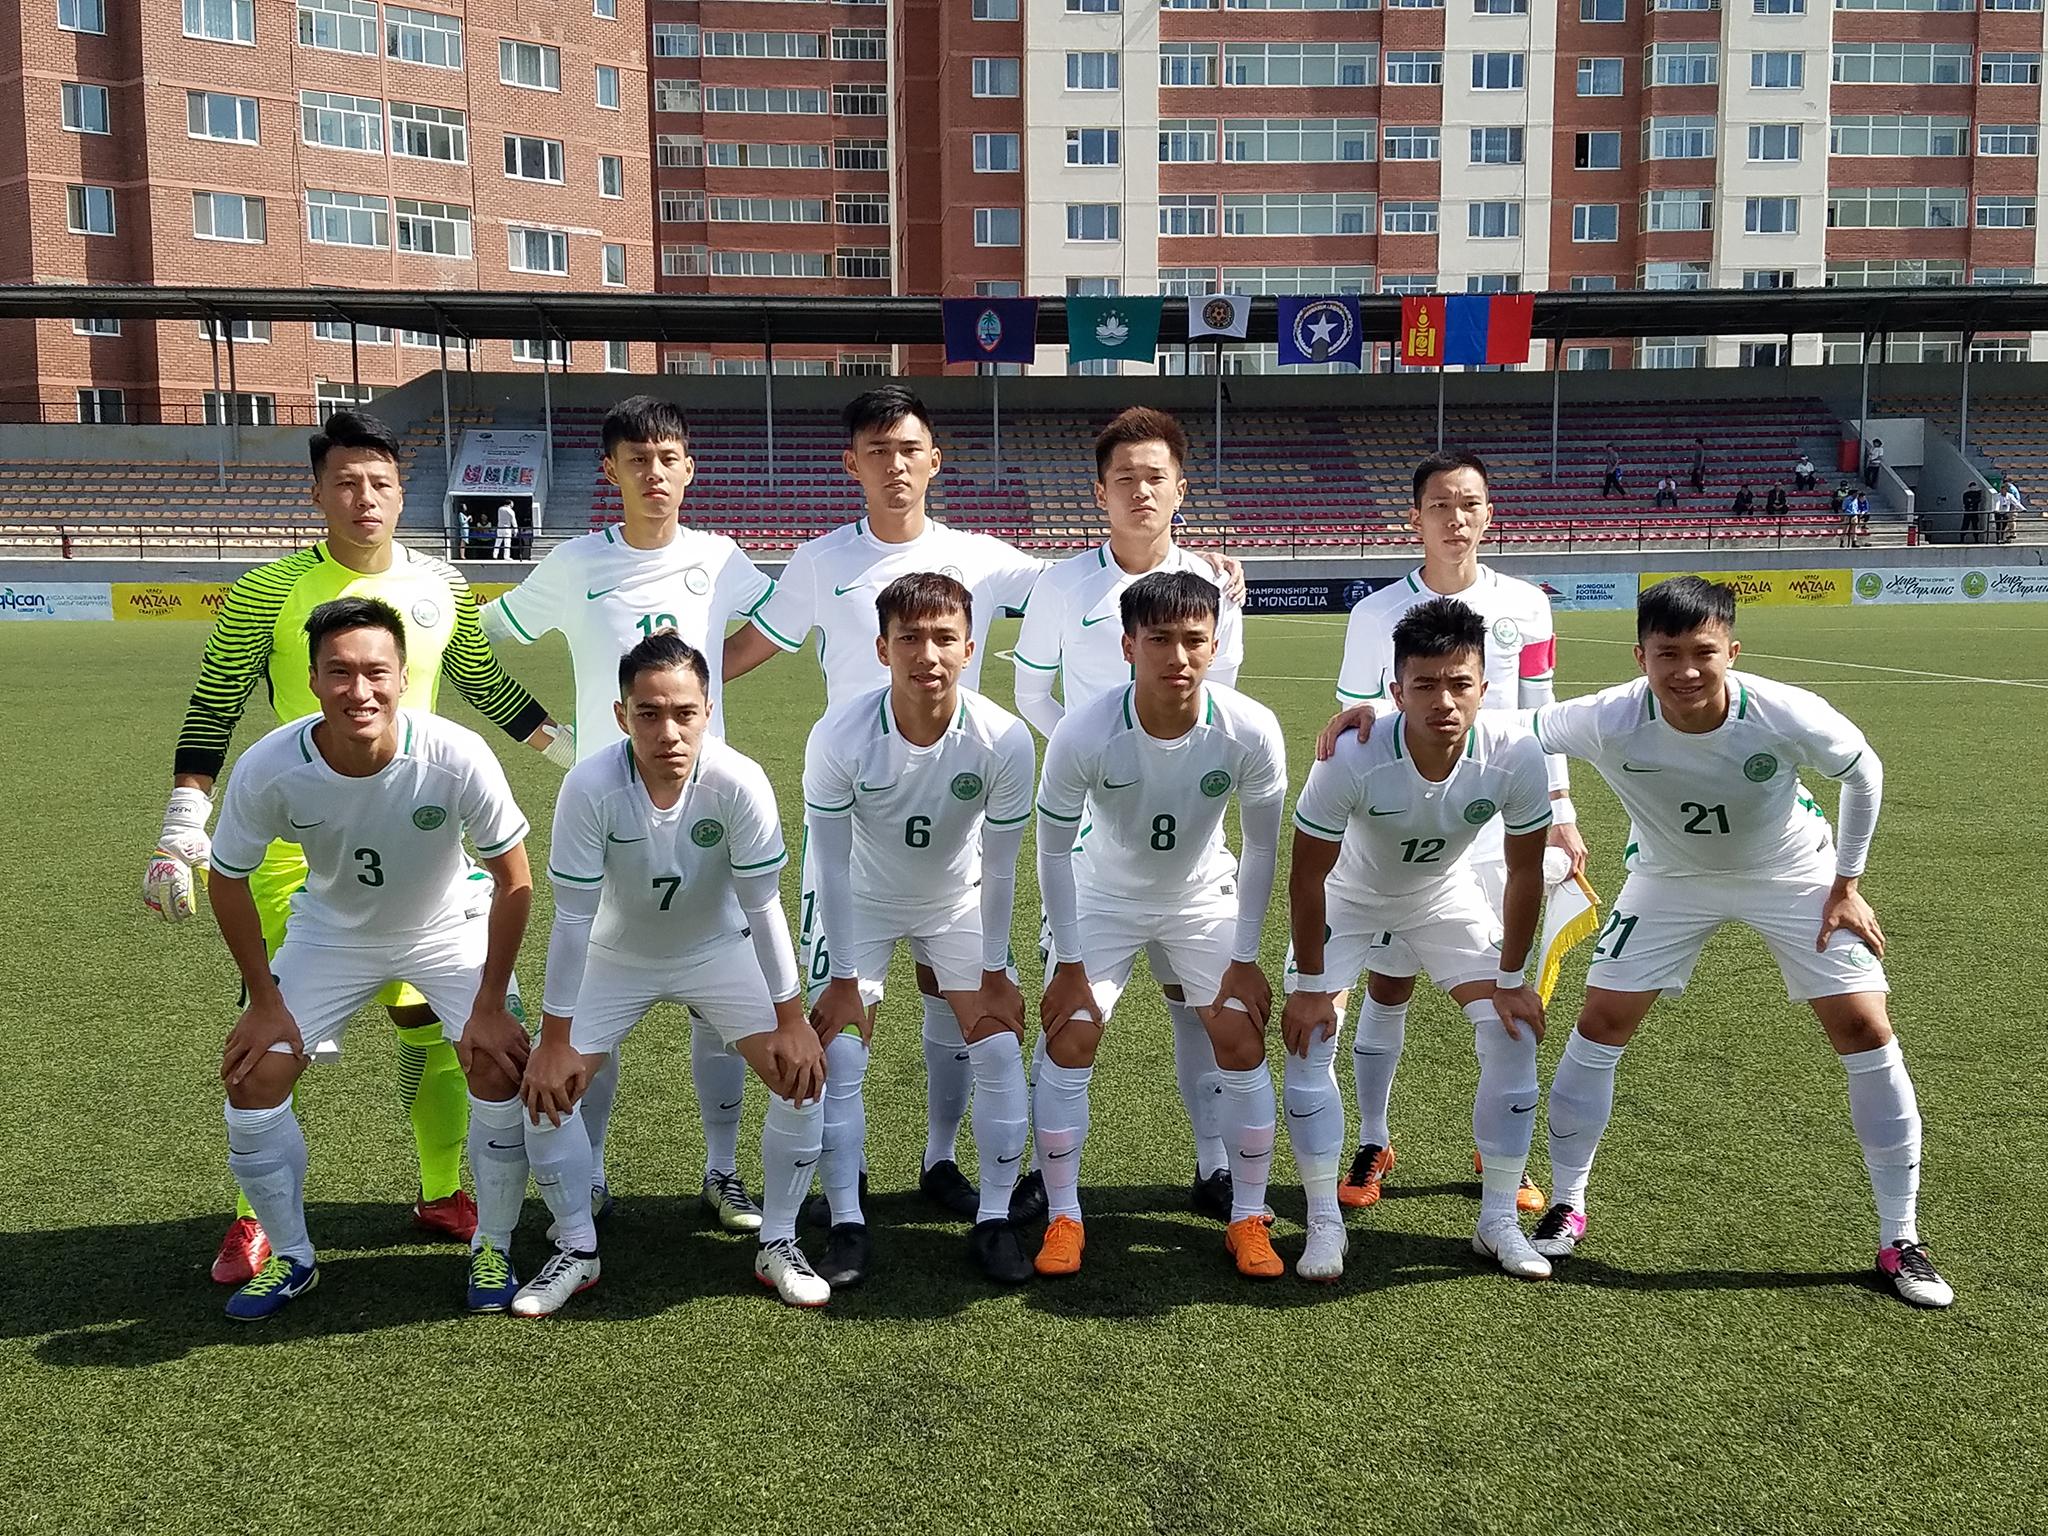 Campeonato da Ásia de Futebol   Macau vence Guam mas falha apuramento